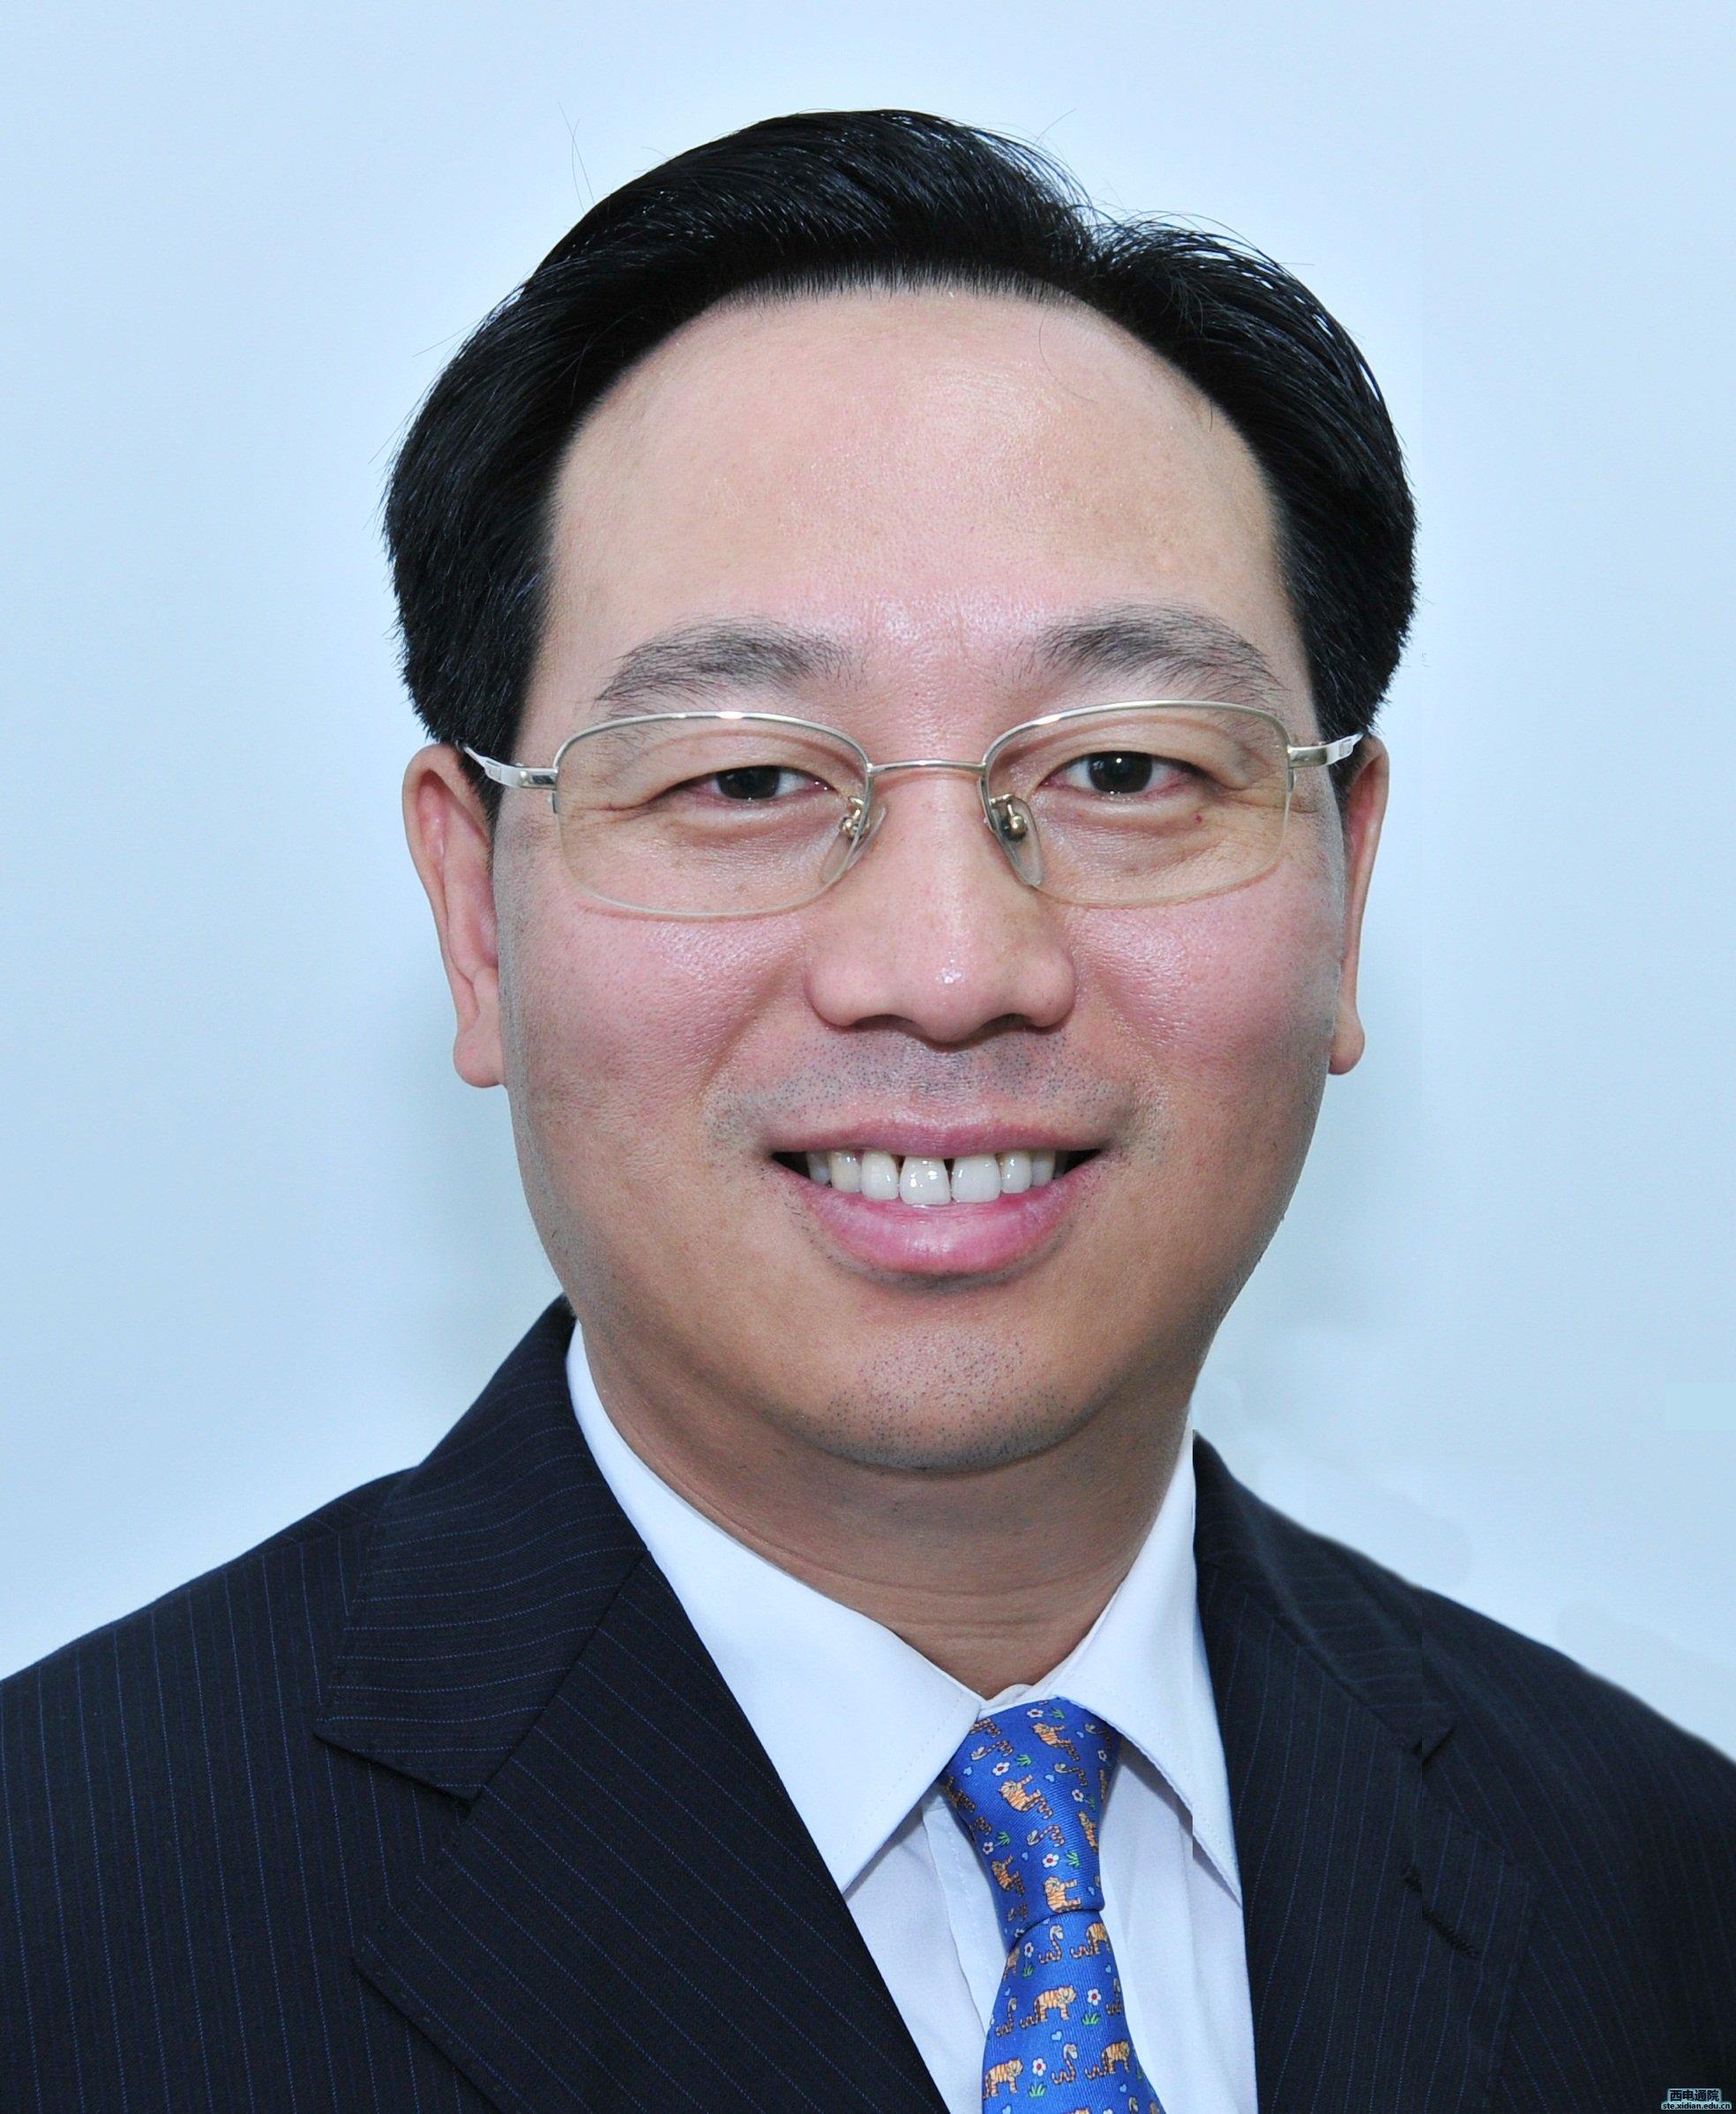 副总裁,总工程师;中芯国际集成电路制造有限公司董事.